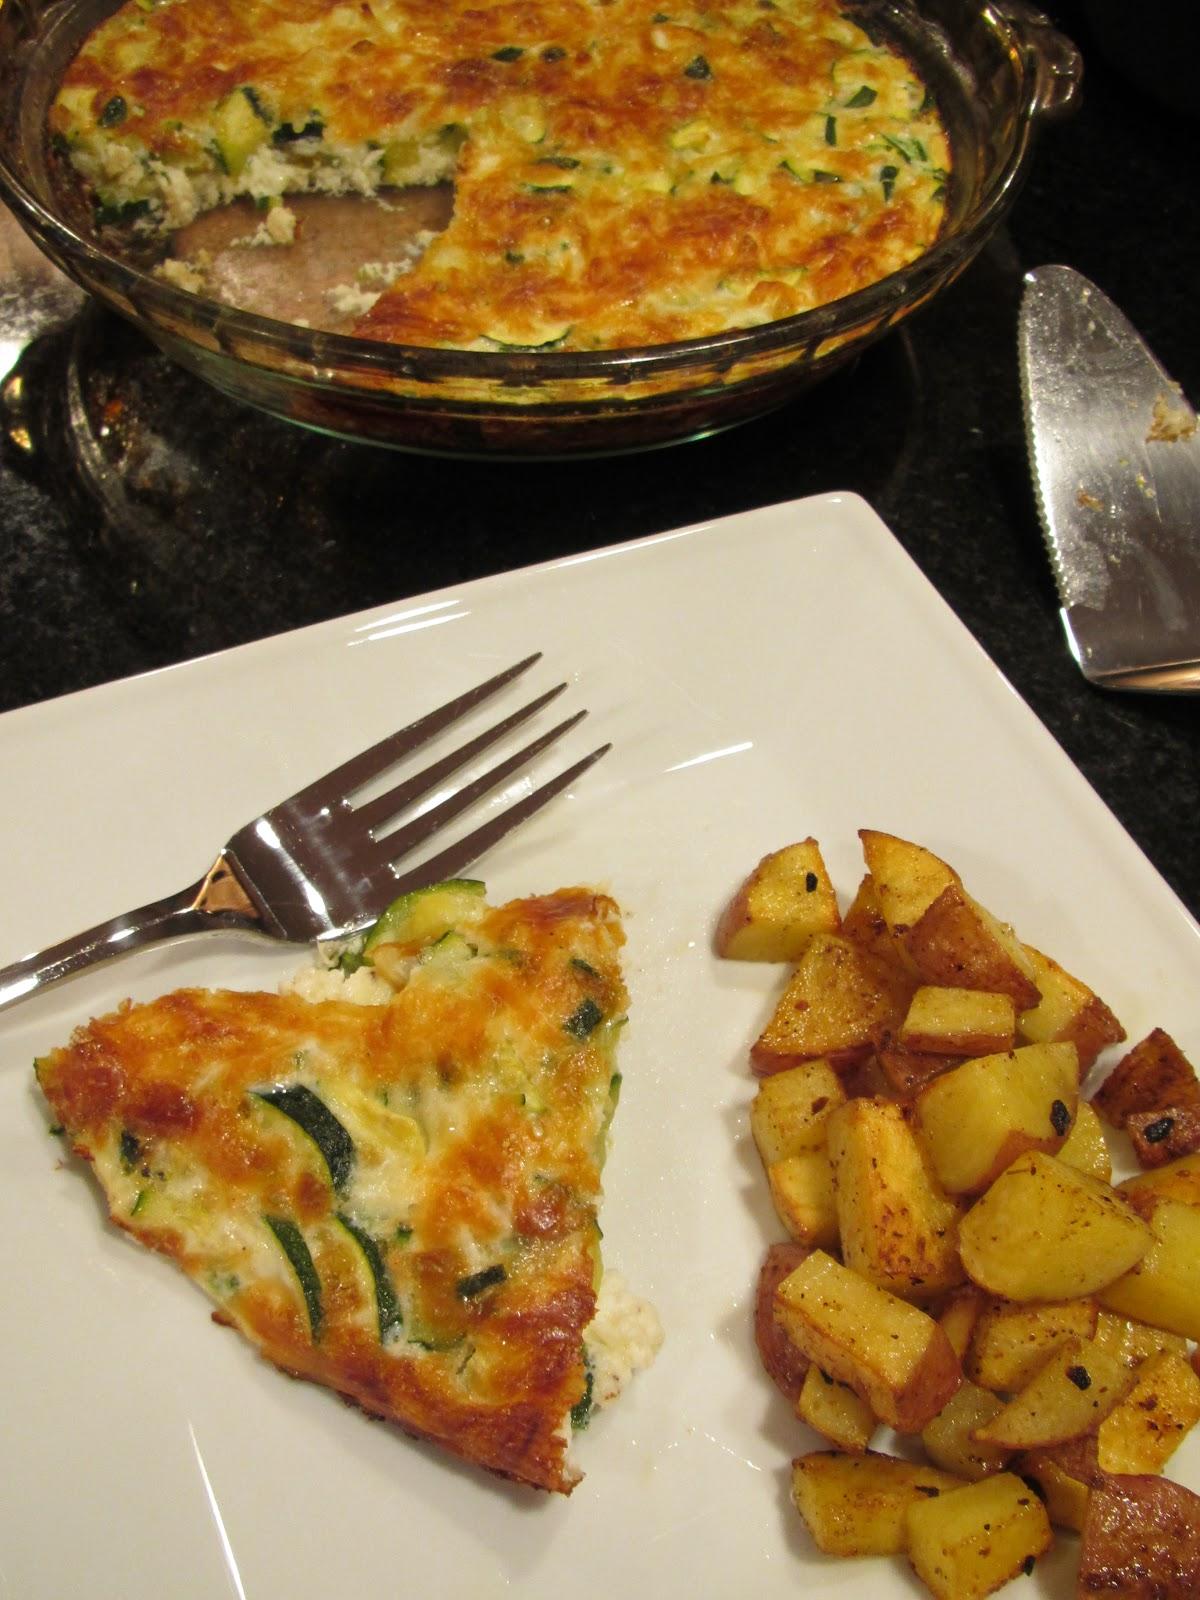 Pammi Cakes Recipes: Spicy Zucchini Frittata Recipe